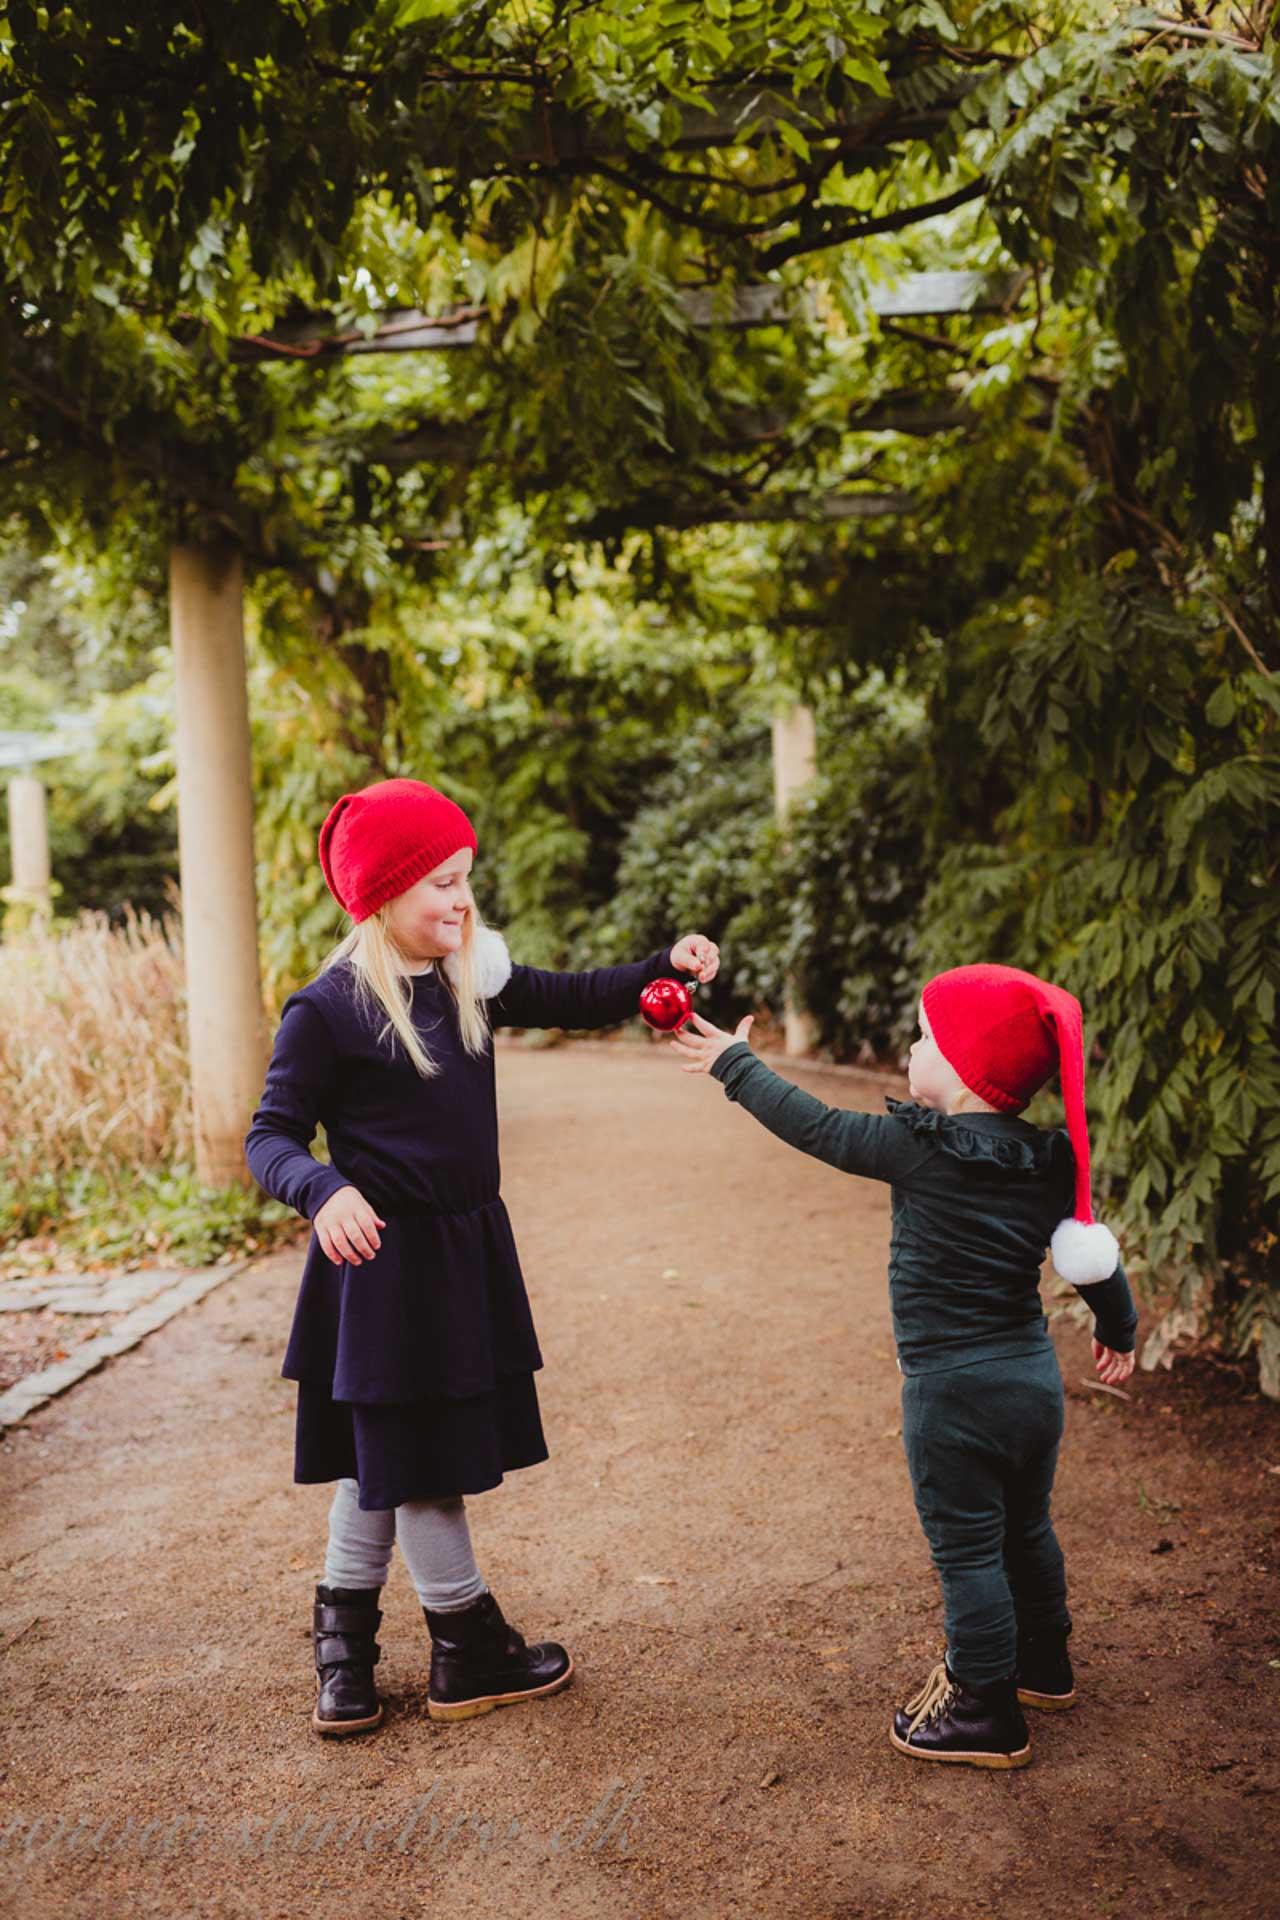 børnefotografering, familiefotografering